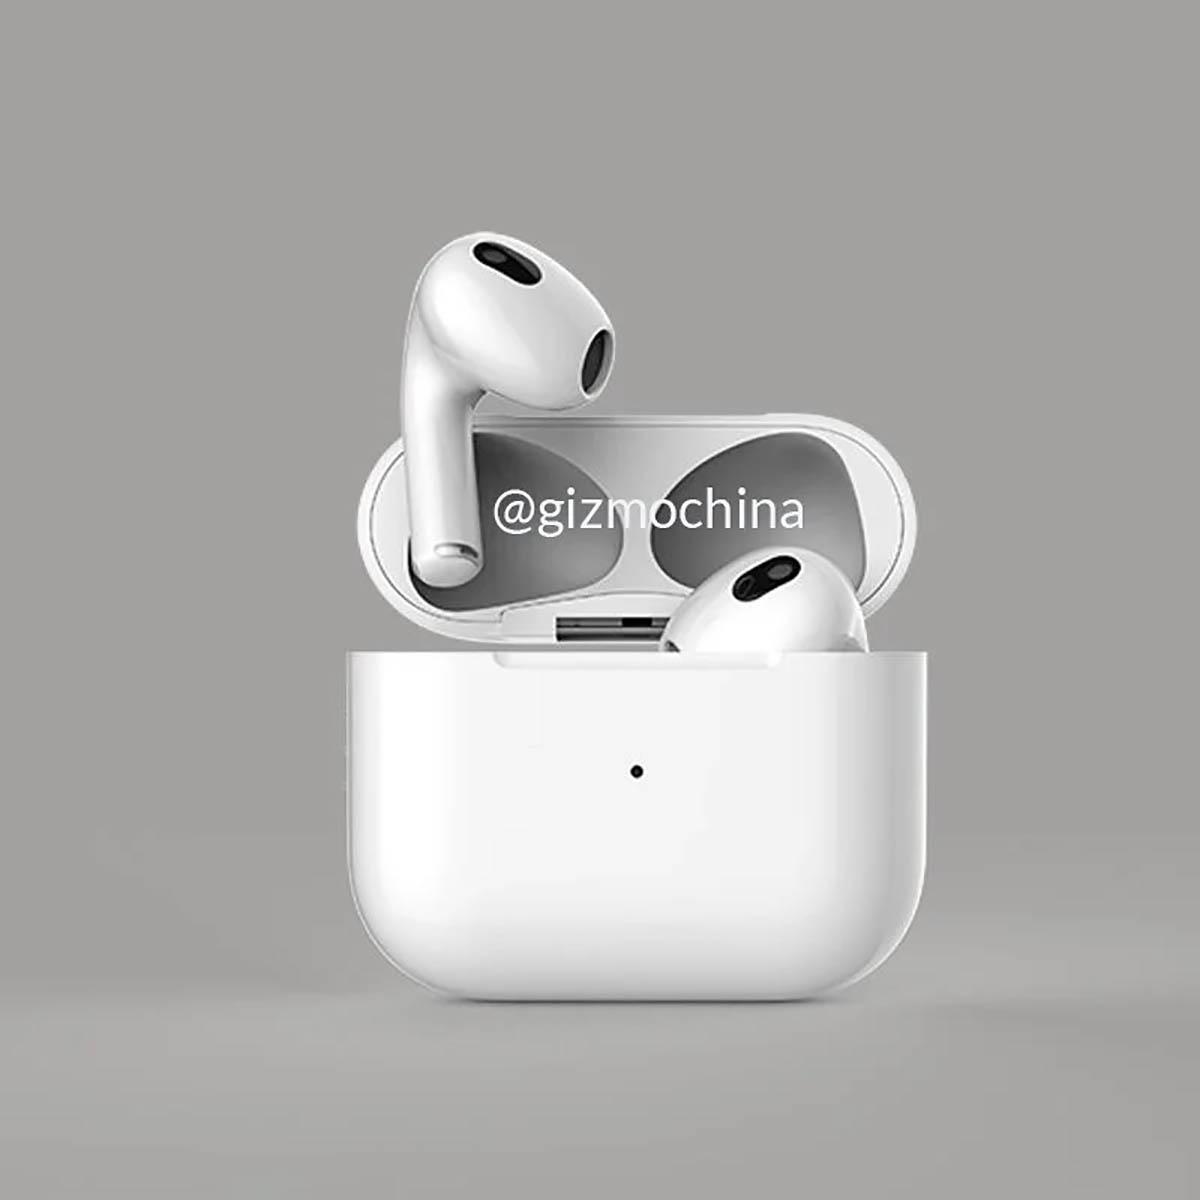 هندزفری AirPods 3 اپل را قبل از معرفی رسمی ببینید